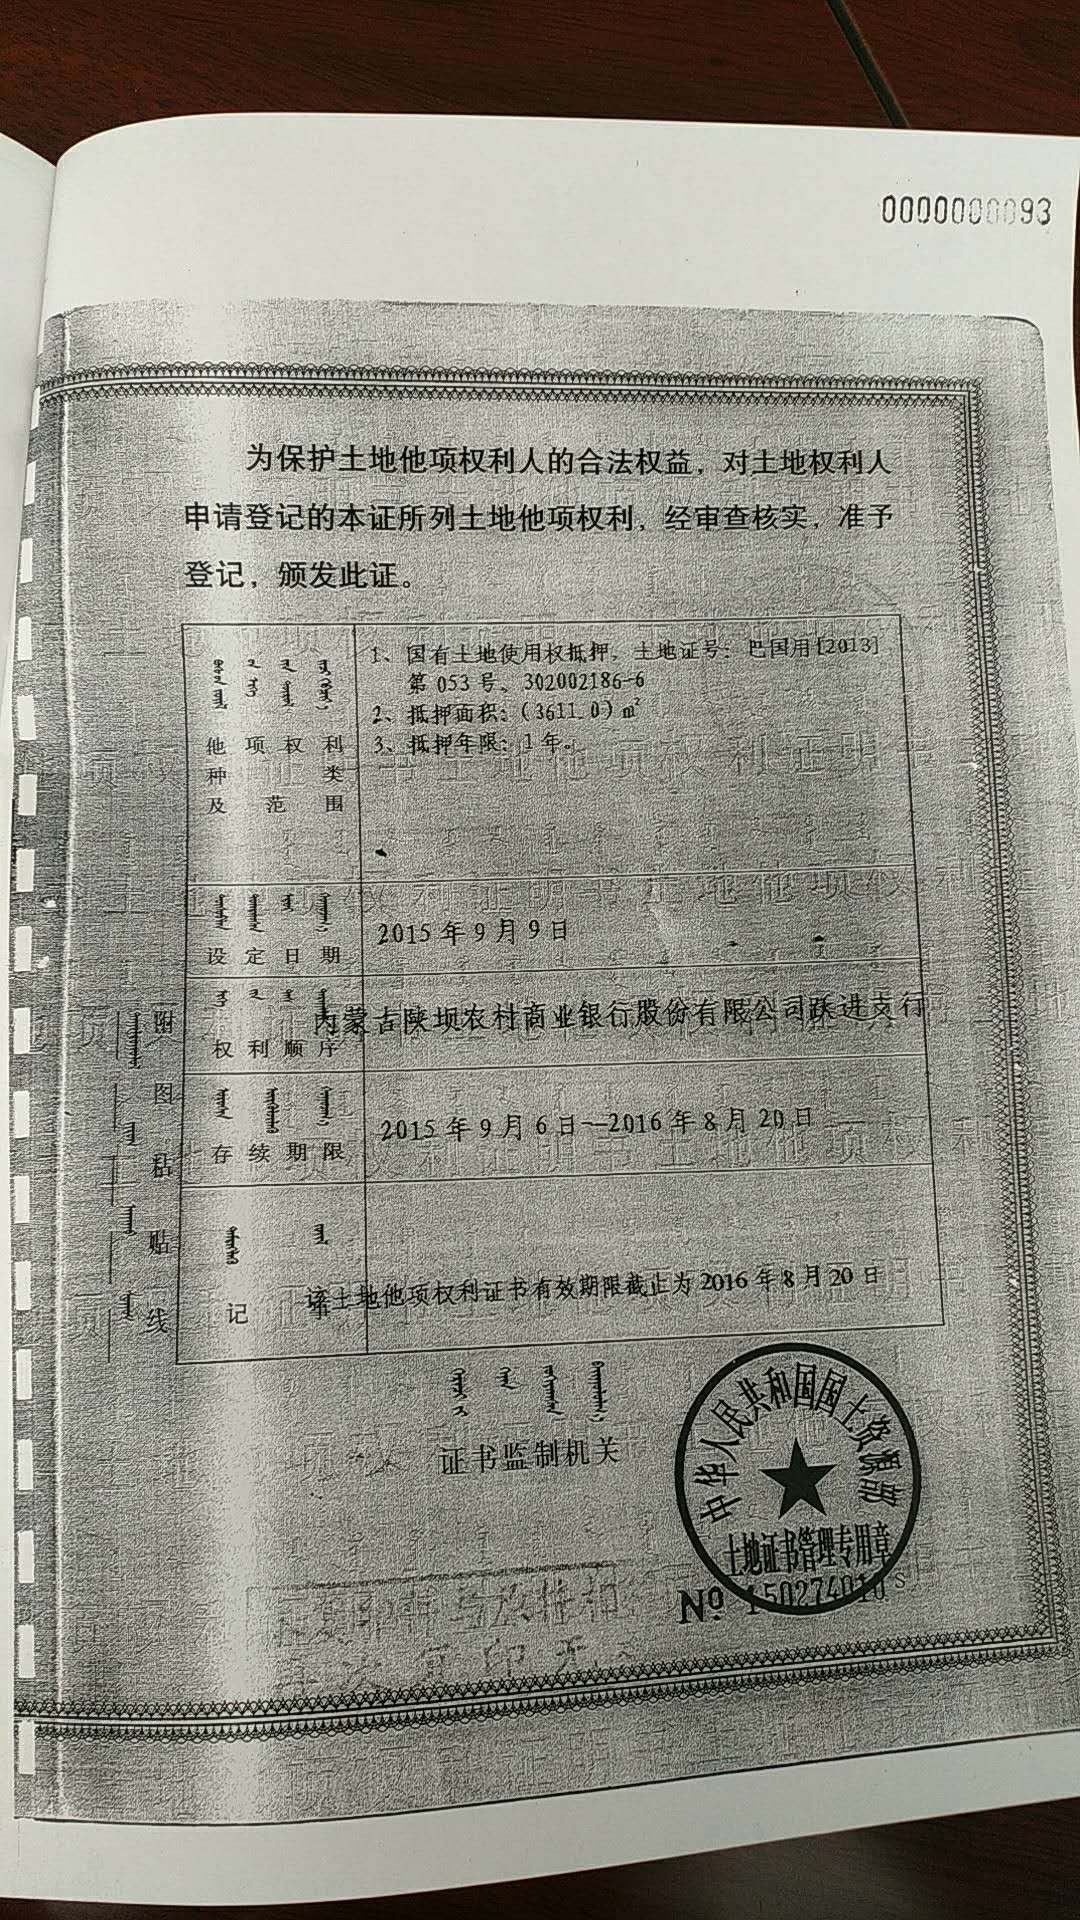 中宣拍卖巴彦淖尔市房产拍卖|拍卖公告-内蒙古中宣拍卖有限责任公司